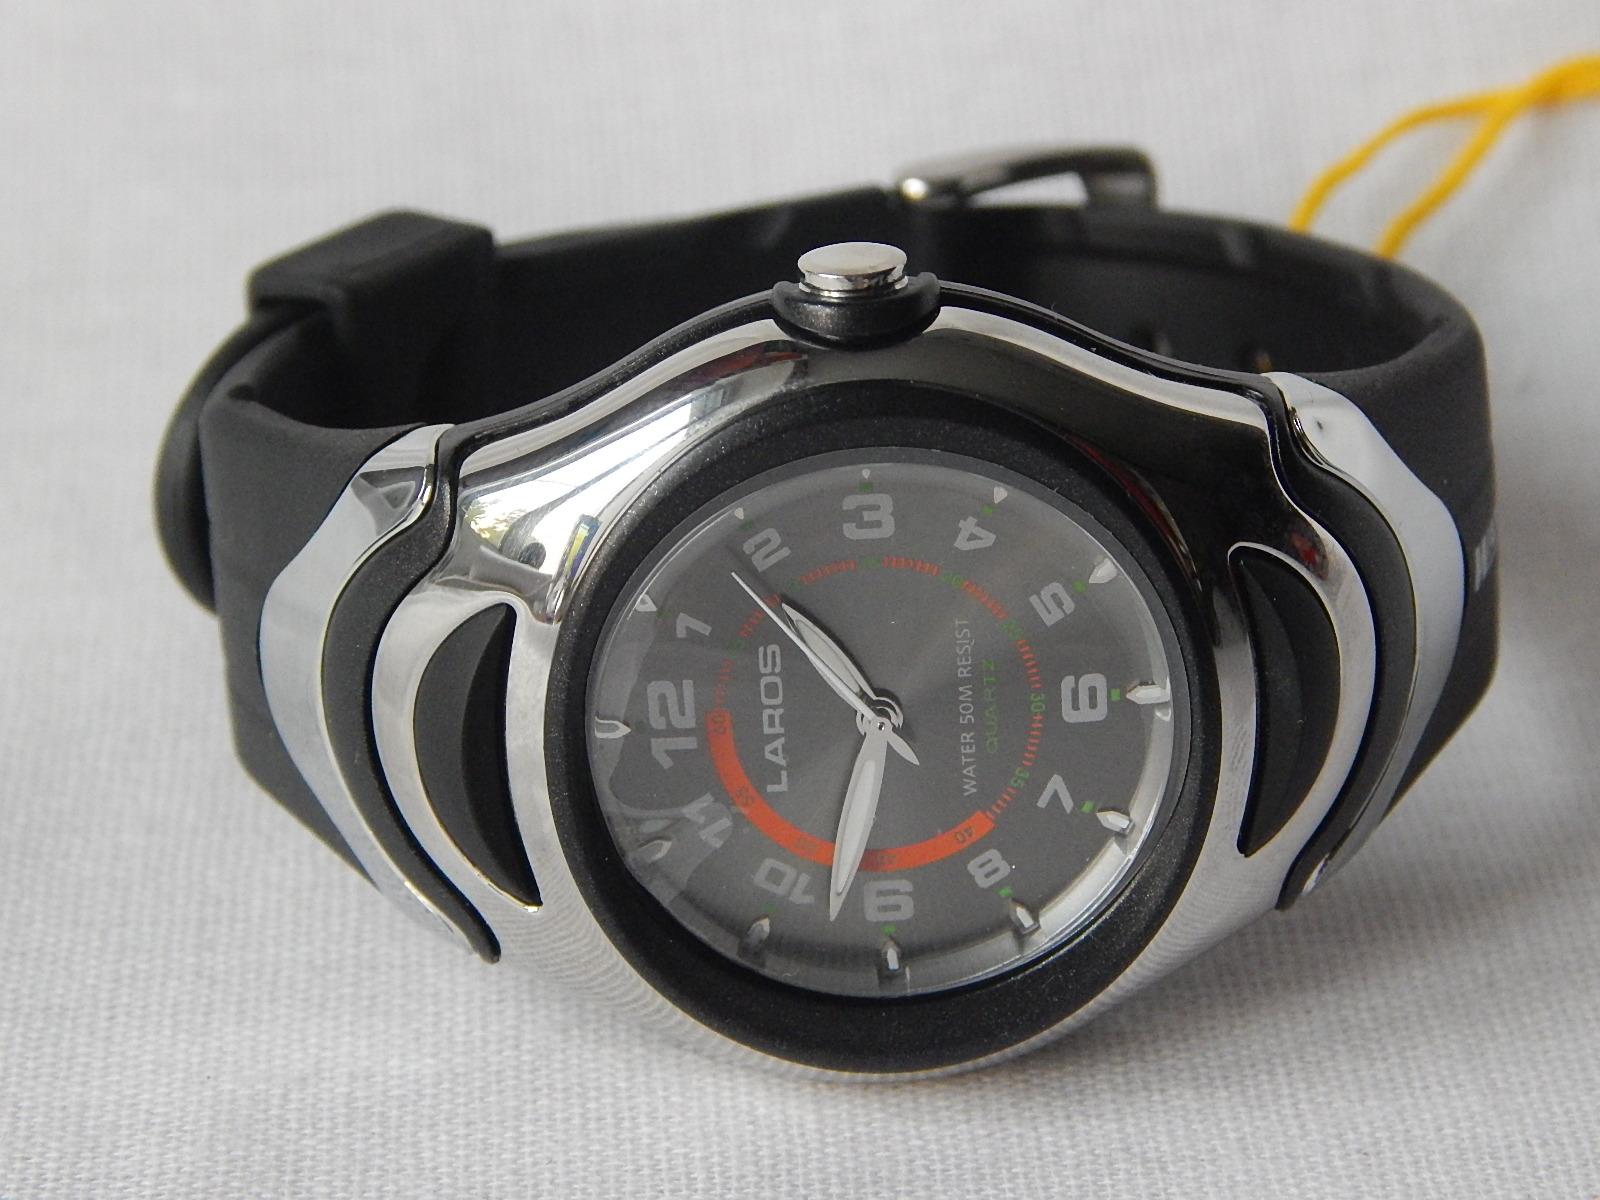 Часы Casio Sport купить - Каталог спортивных часов Casio